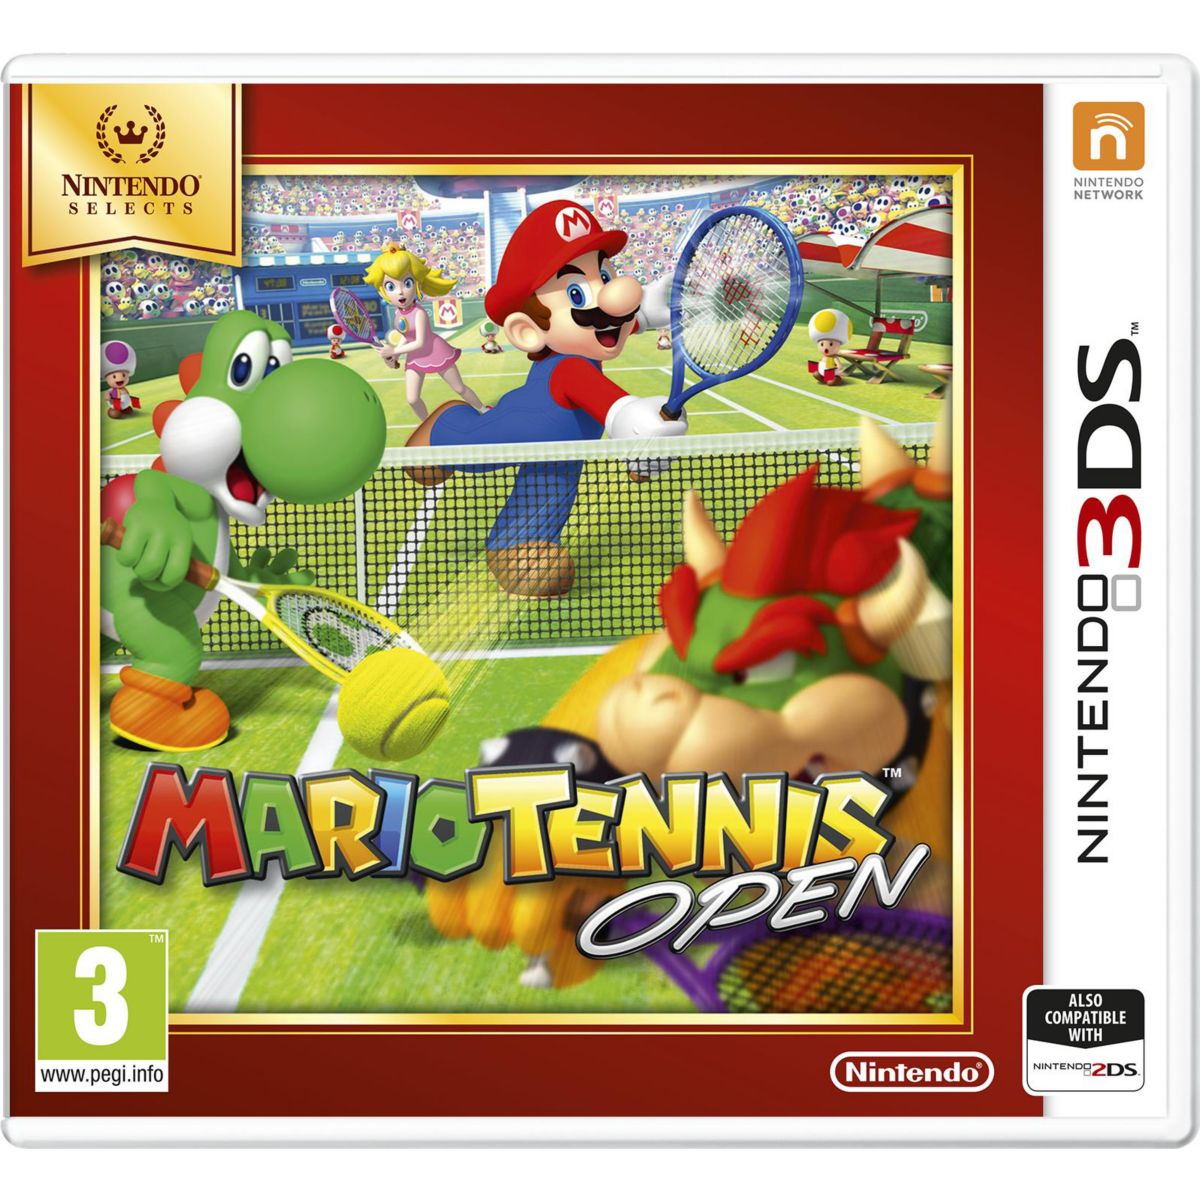 Jeu 3ds nintendo mario tennis open selects - 2% de remise imm�diate avec le code : noel2 (photo)